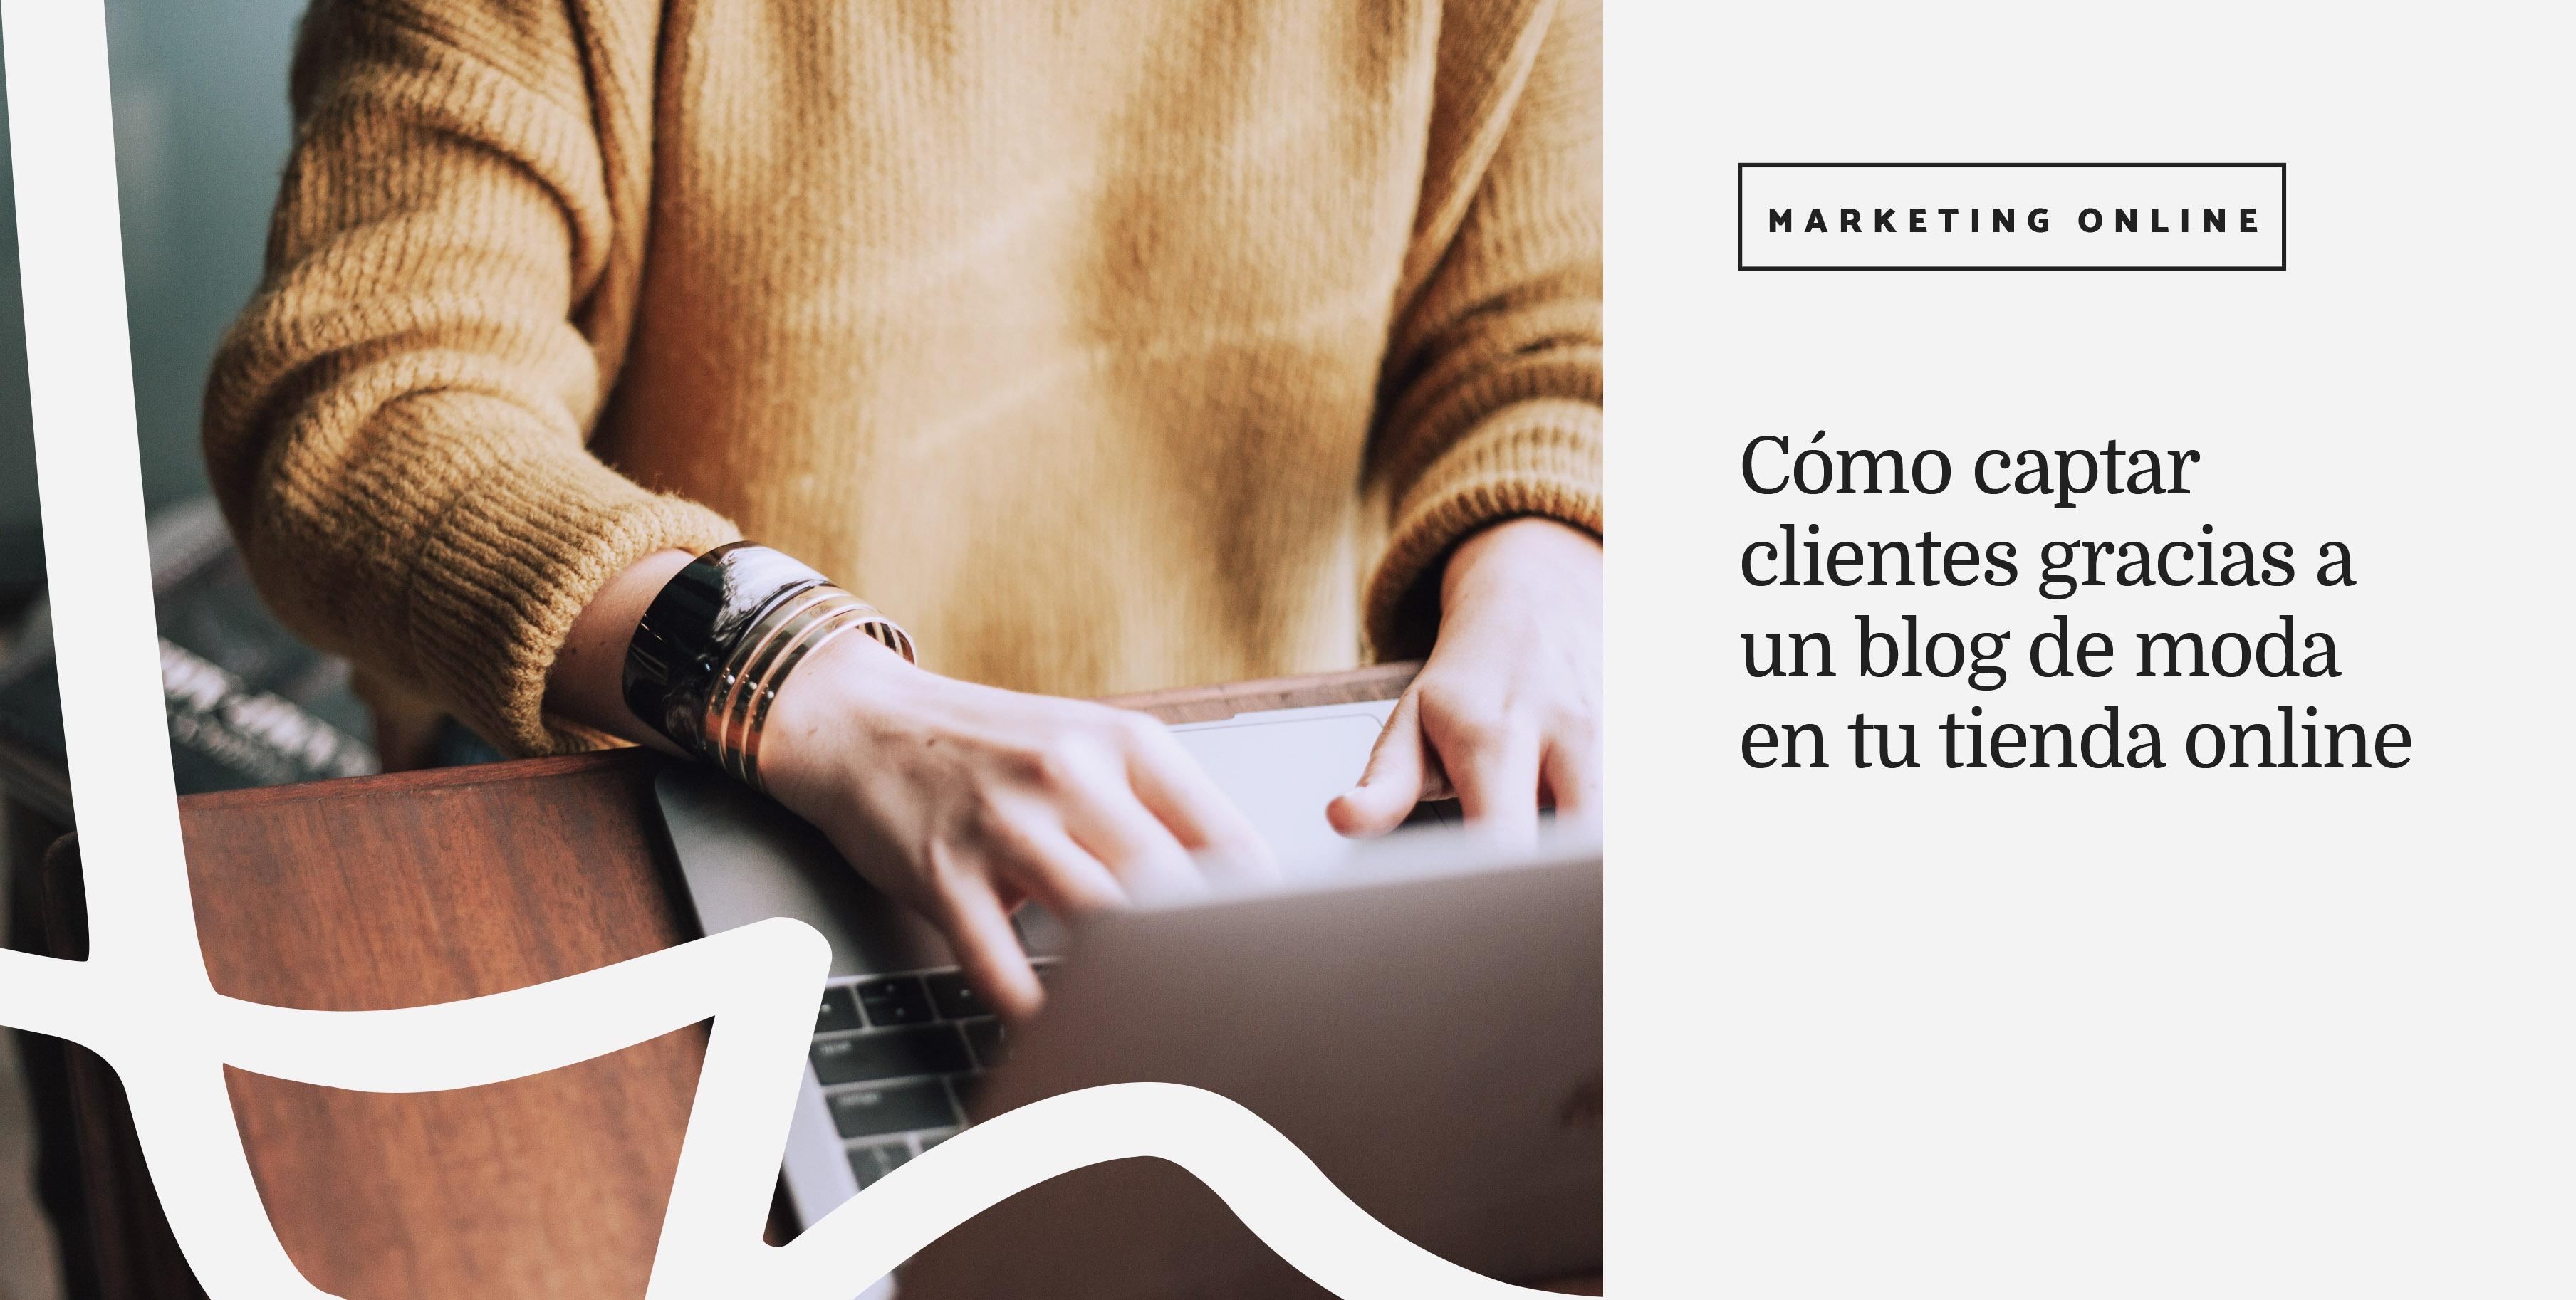 captar-clientes-con-tu-blog-de-moda-anadiazdelrio.com_.jpg